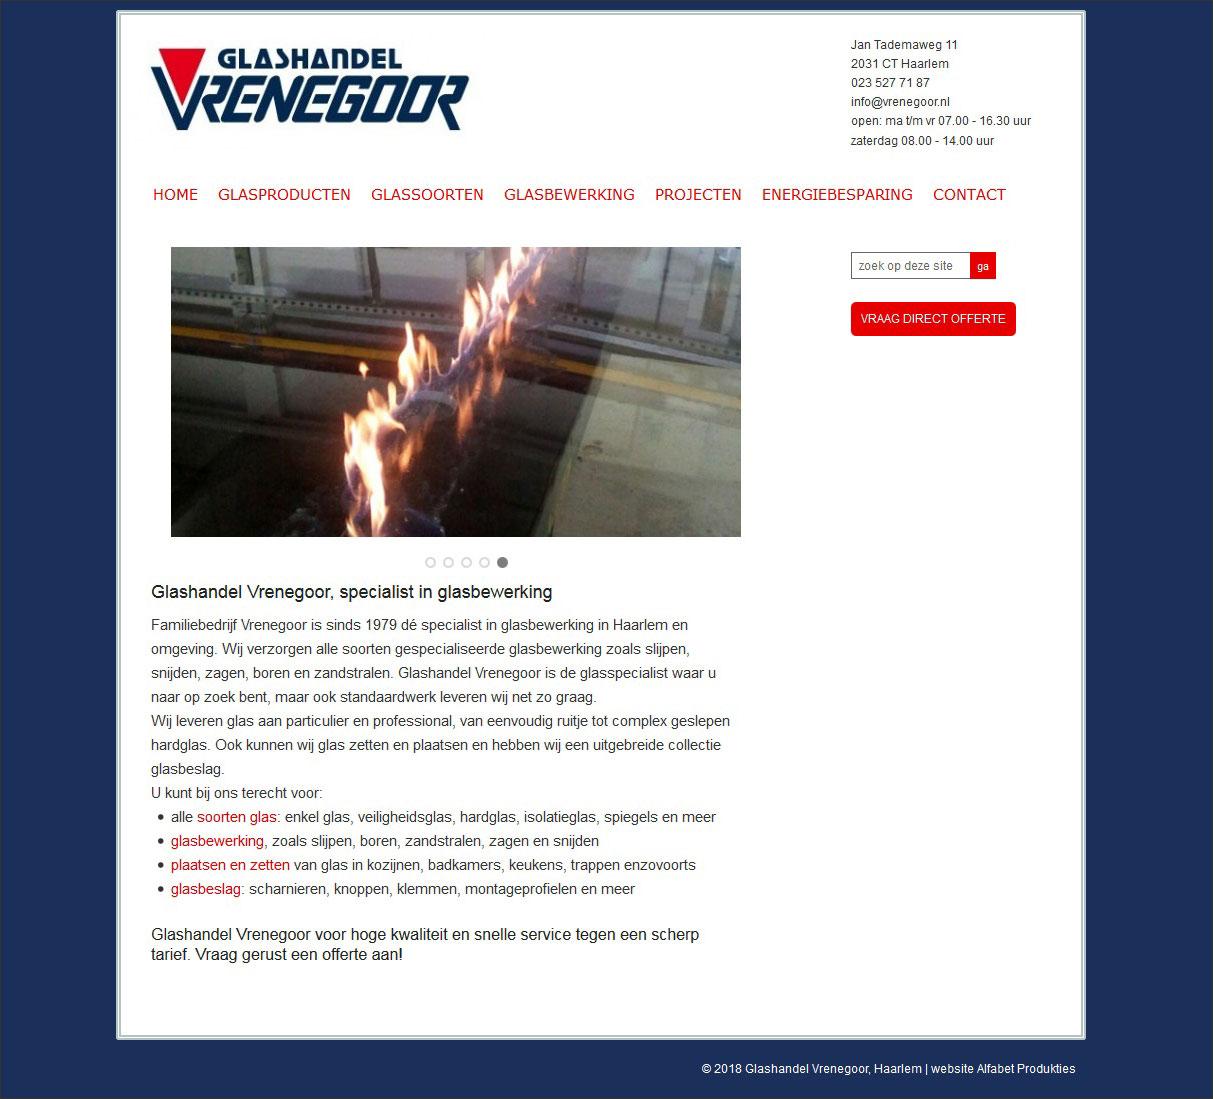 website Glashandel Vrenegoor